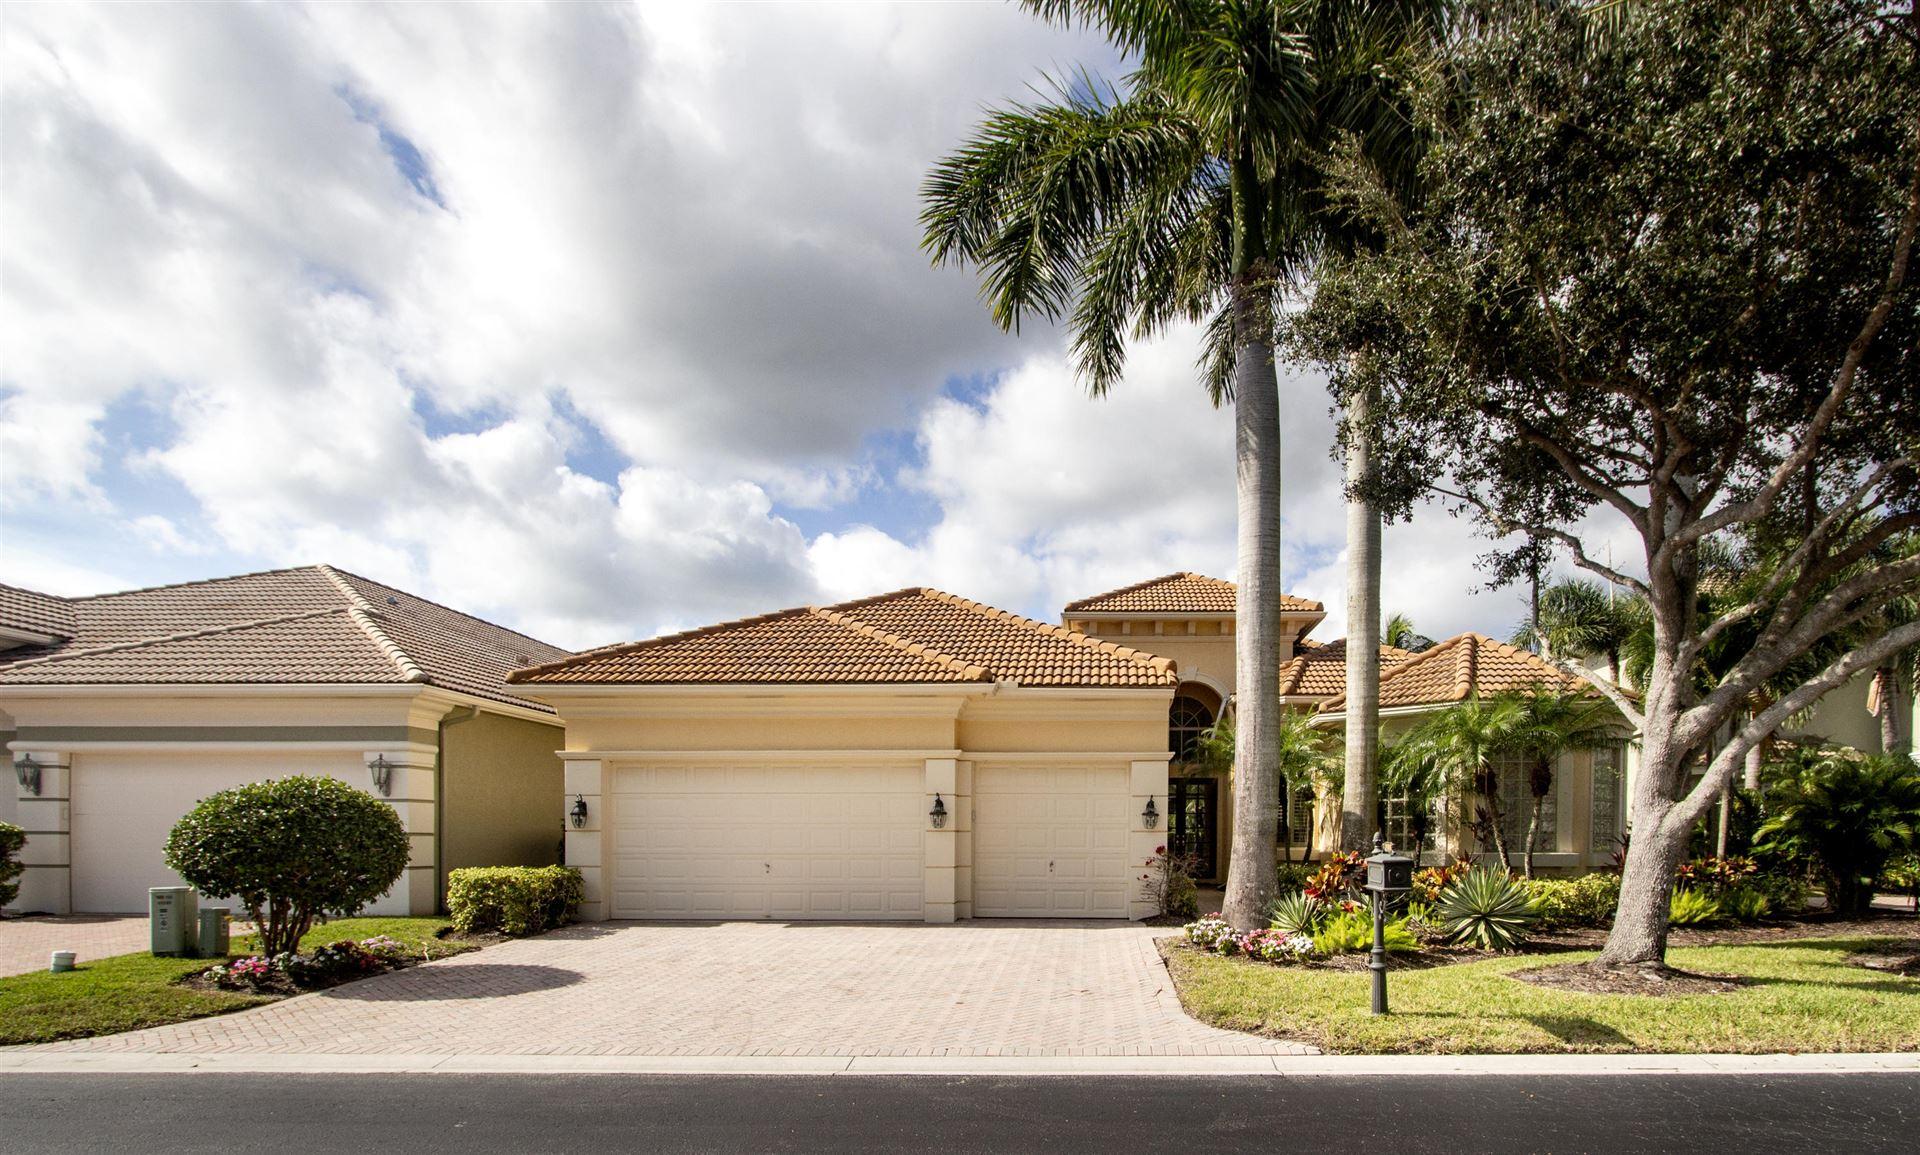 Photo of 7501 Monte Verde Lane, West Palm Beach, FL 33412 (MLS # RX-10735185)